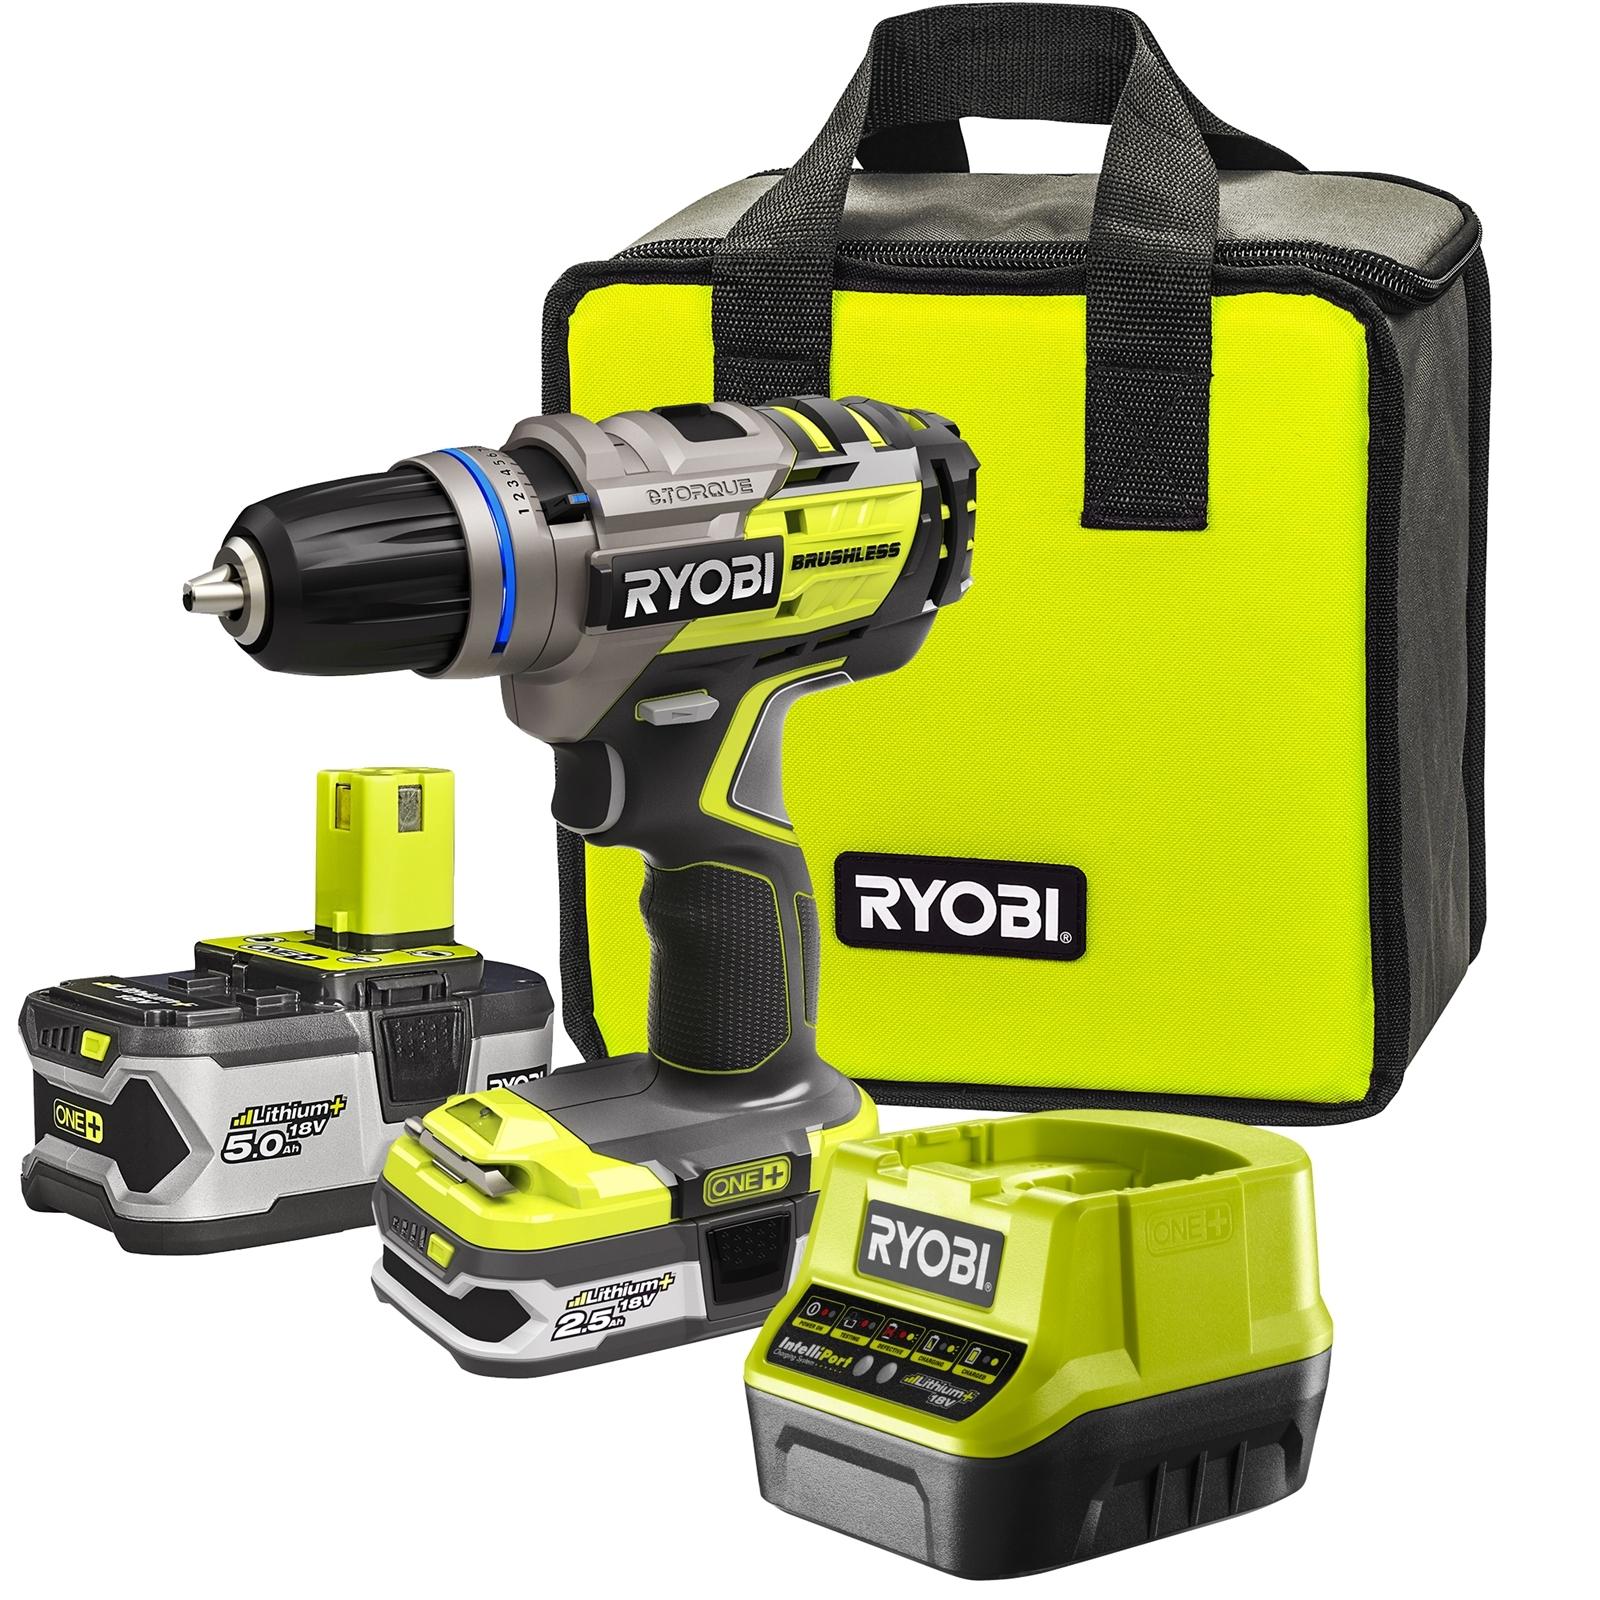 Ryobi 18V ONE+ Brushless Drill Driver Kit